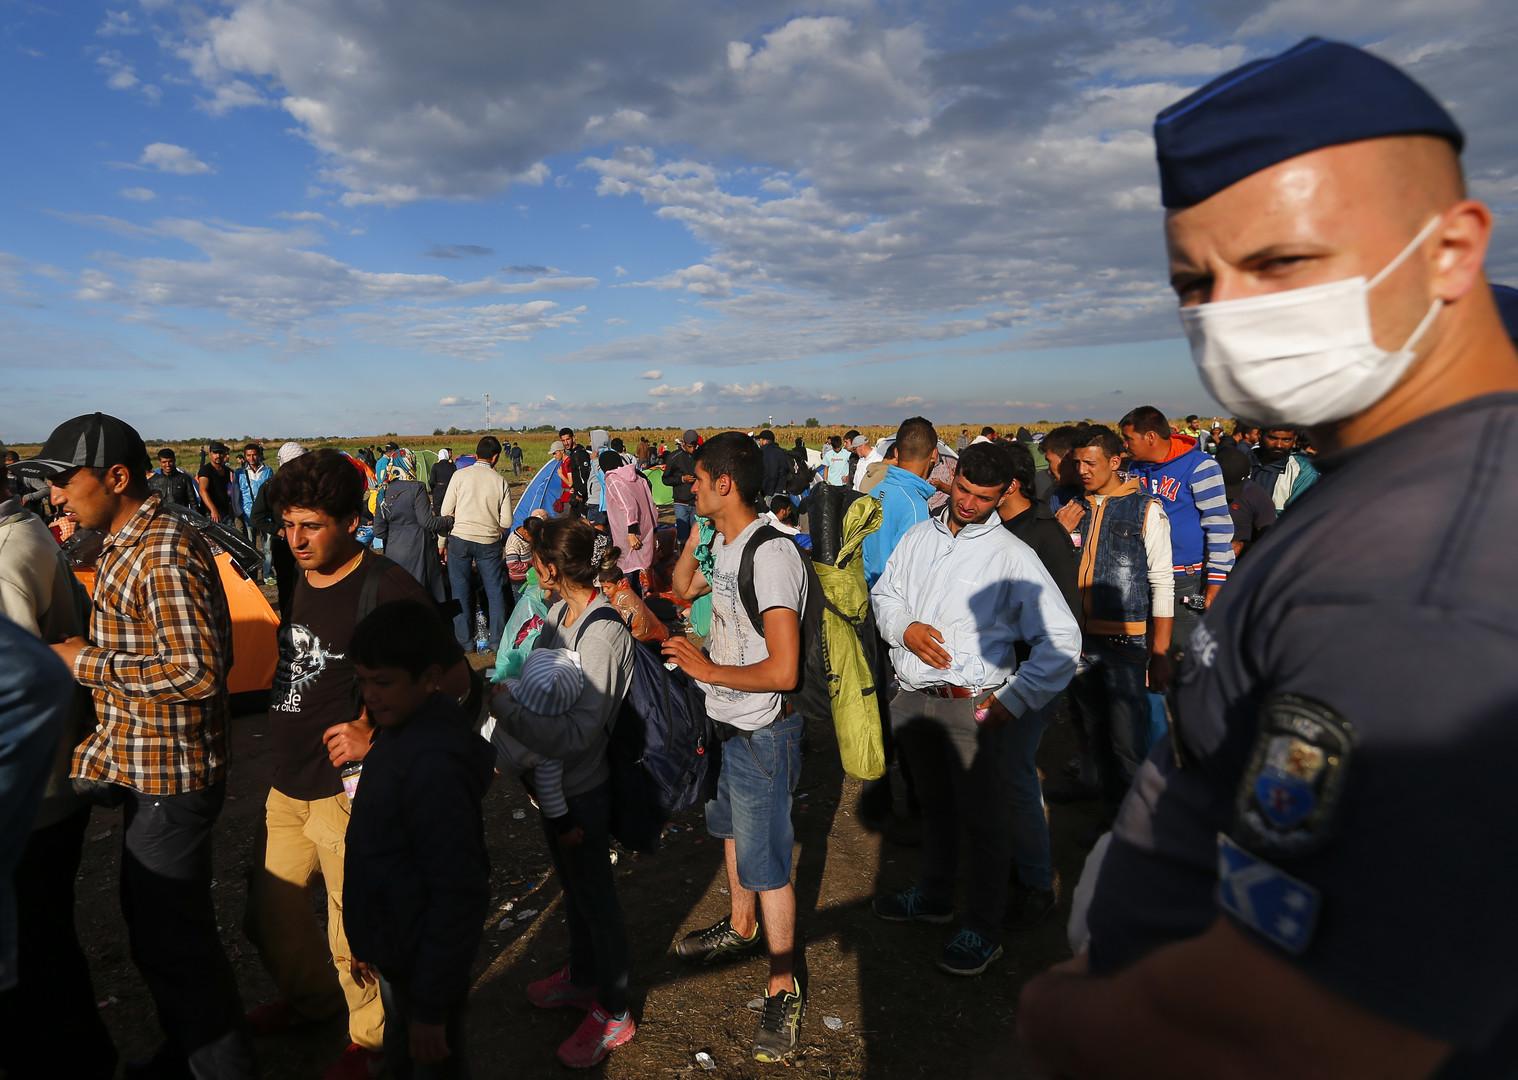 جموع من المهاجرين السوريين في نقطة تجمع في هنغاريا قرب الحدود مع ألمانيا